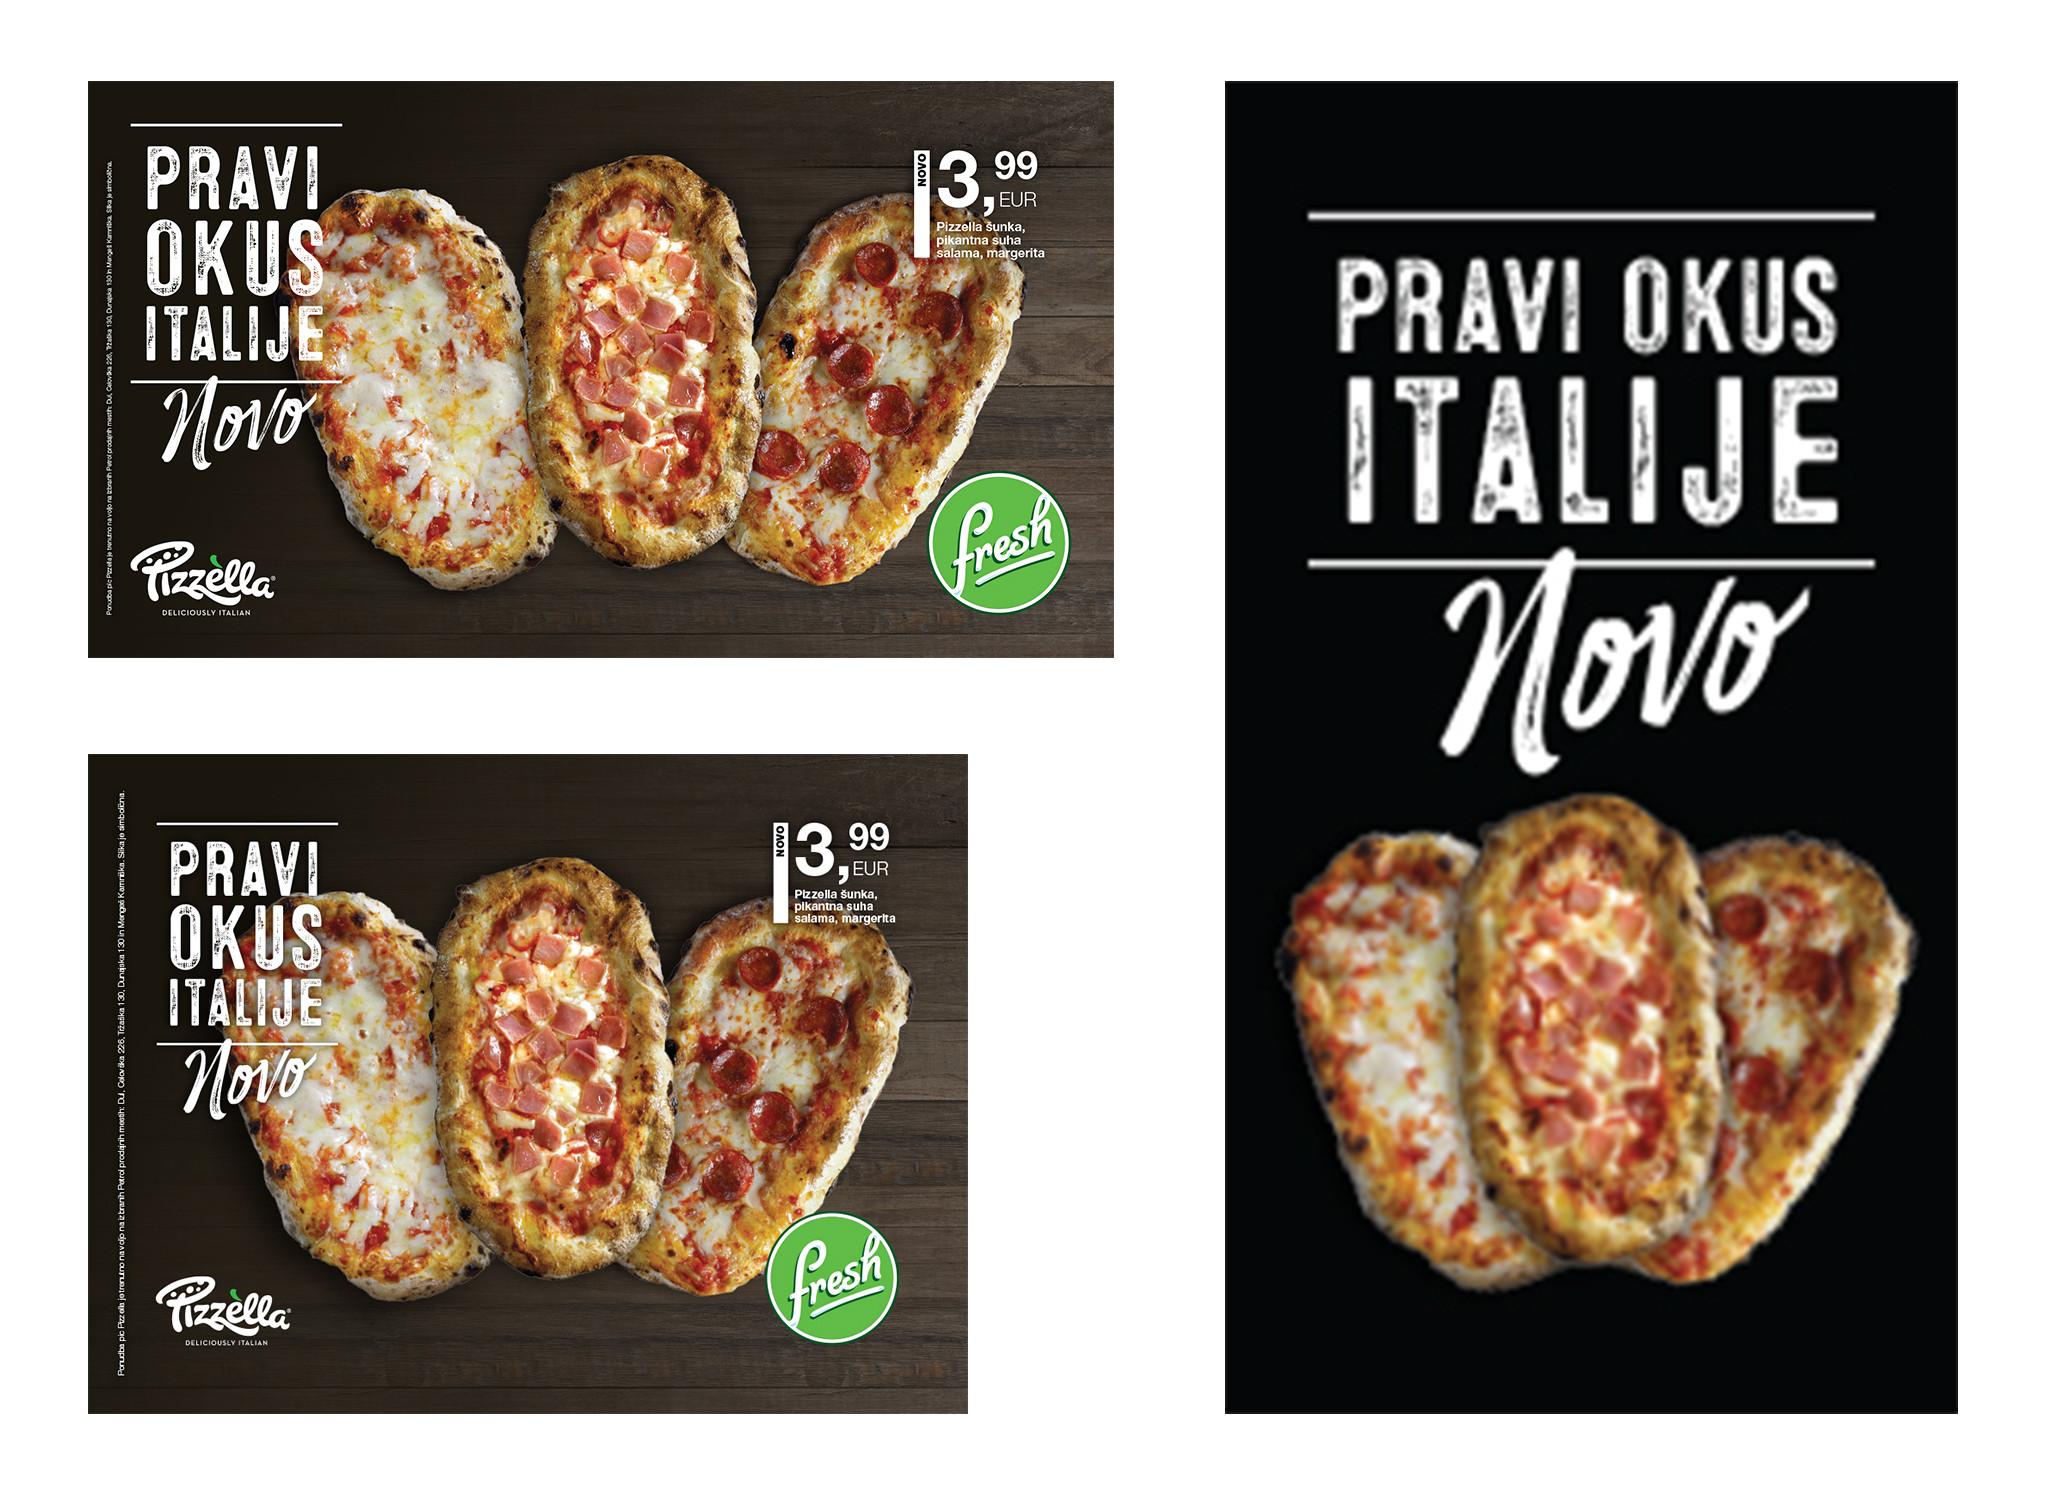 Dizajn kreative, ki sem ga oblikoval za nov produkt Pizzella. Prikazani formati so: dva različna LCD-ja ter totem, ki je postavljen pred bencinsko črpalko.